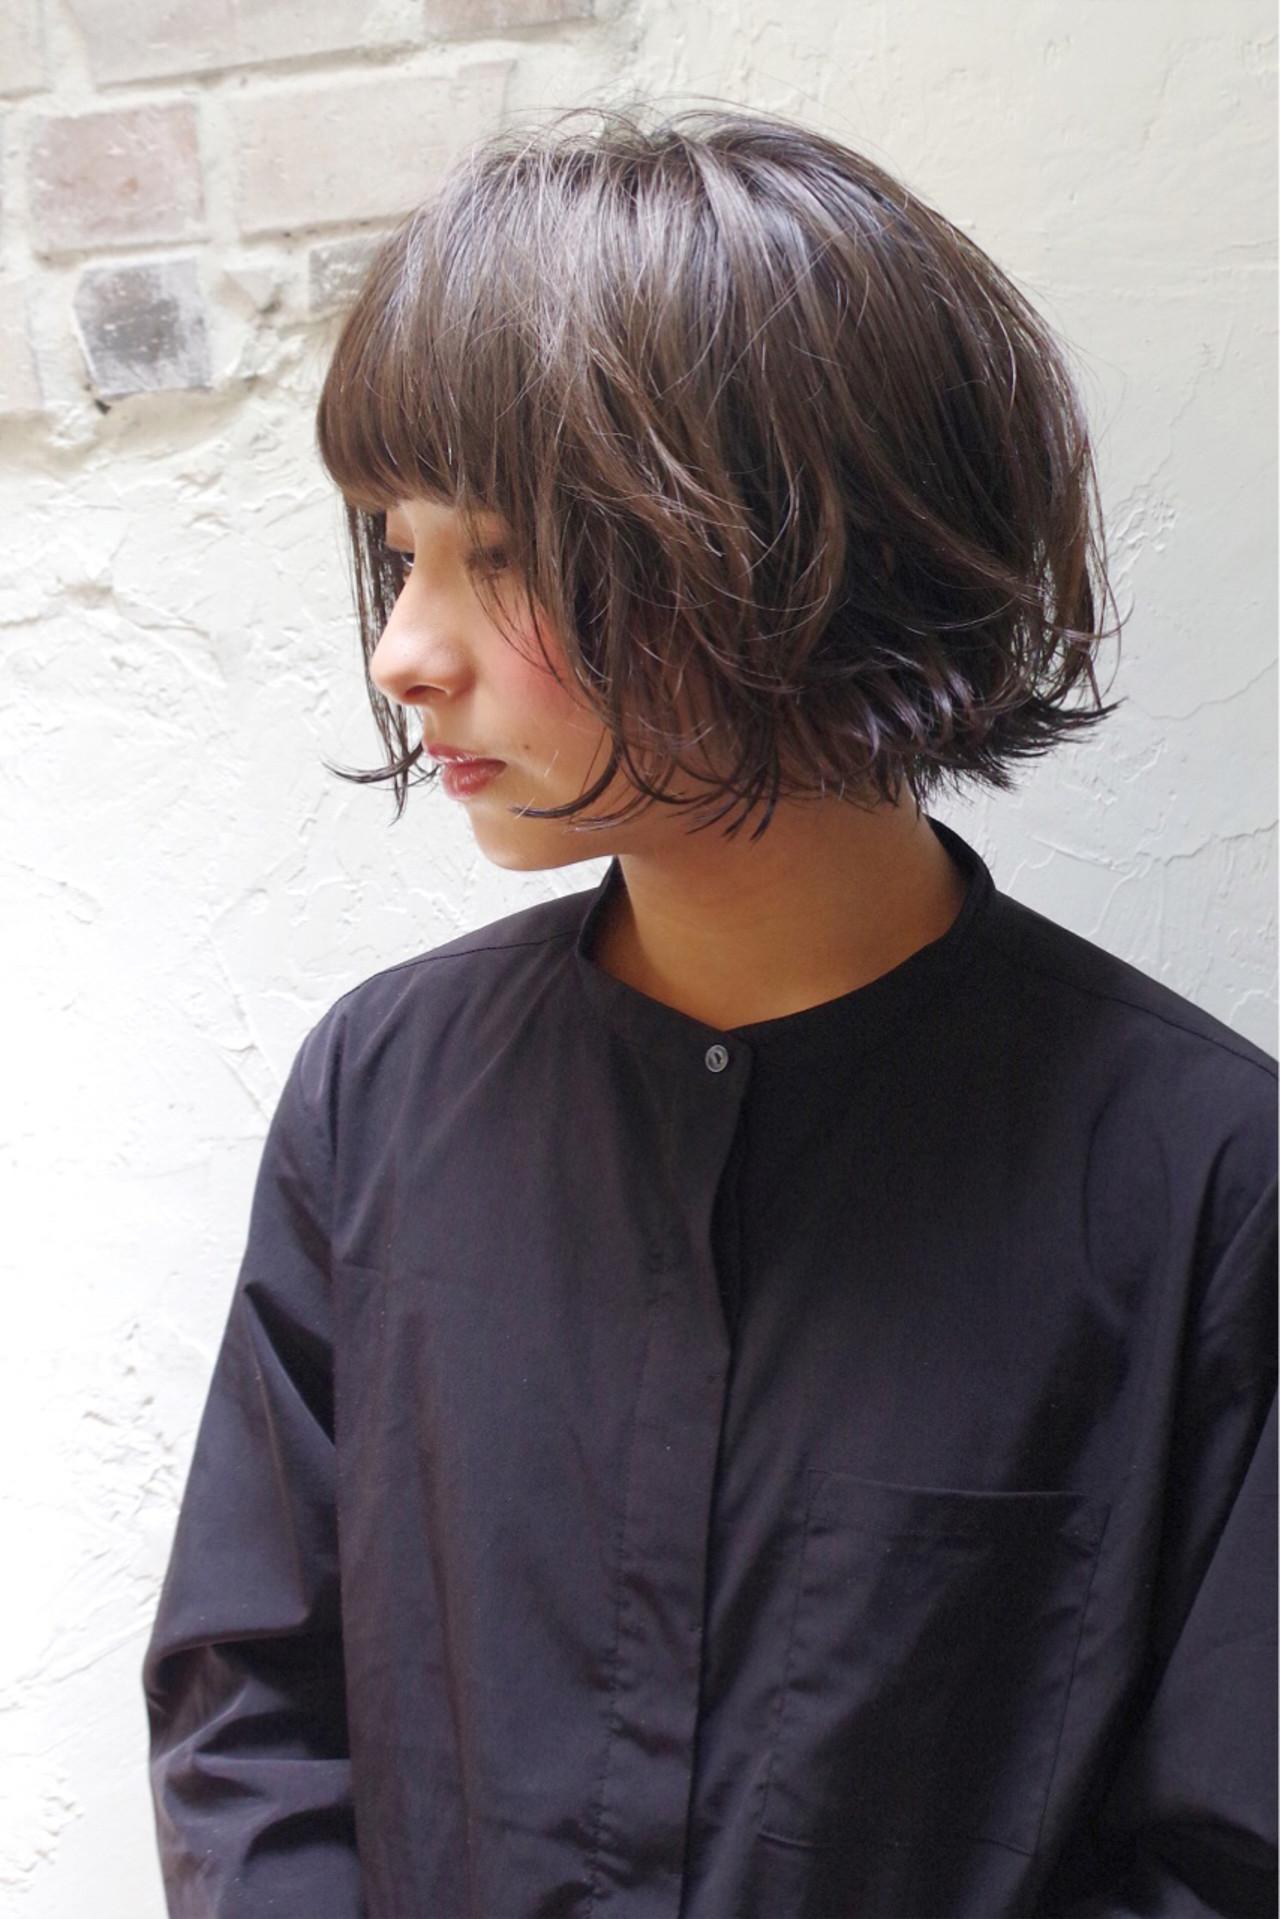 ナチュラル ボブ 前髪あり 大人かわいい ヘアスタイルや髪型の写真・画像